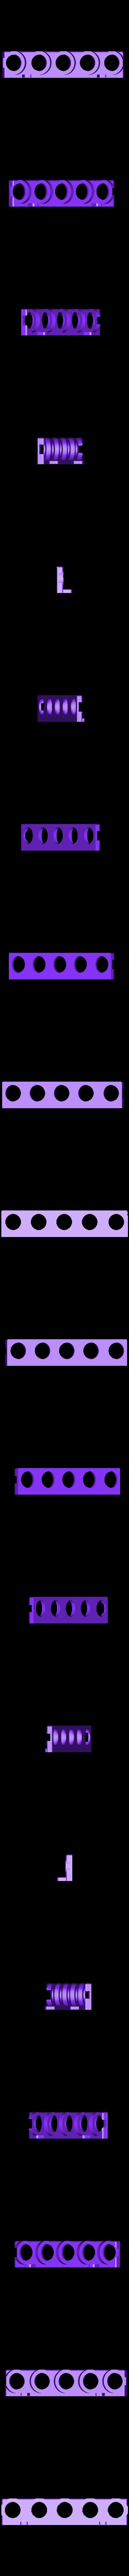 93059aea 755d 431c afbf 7b68445825c0